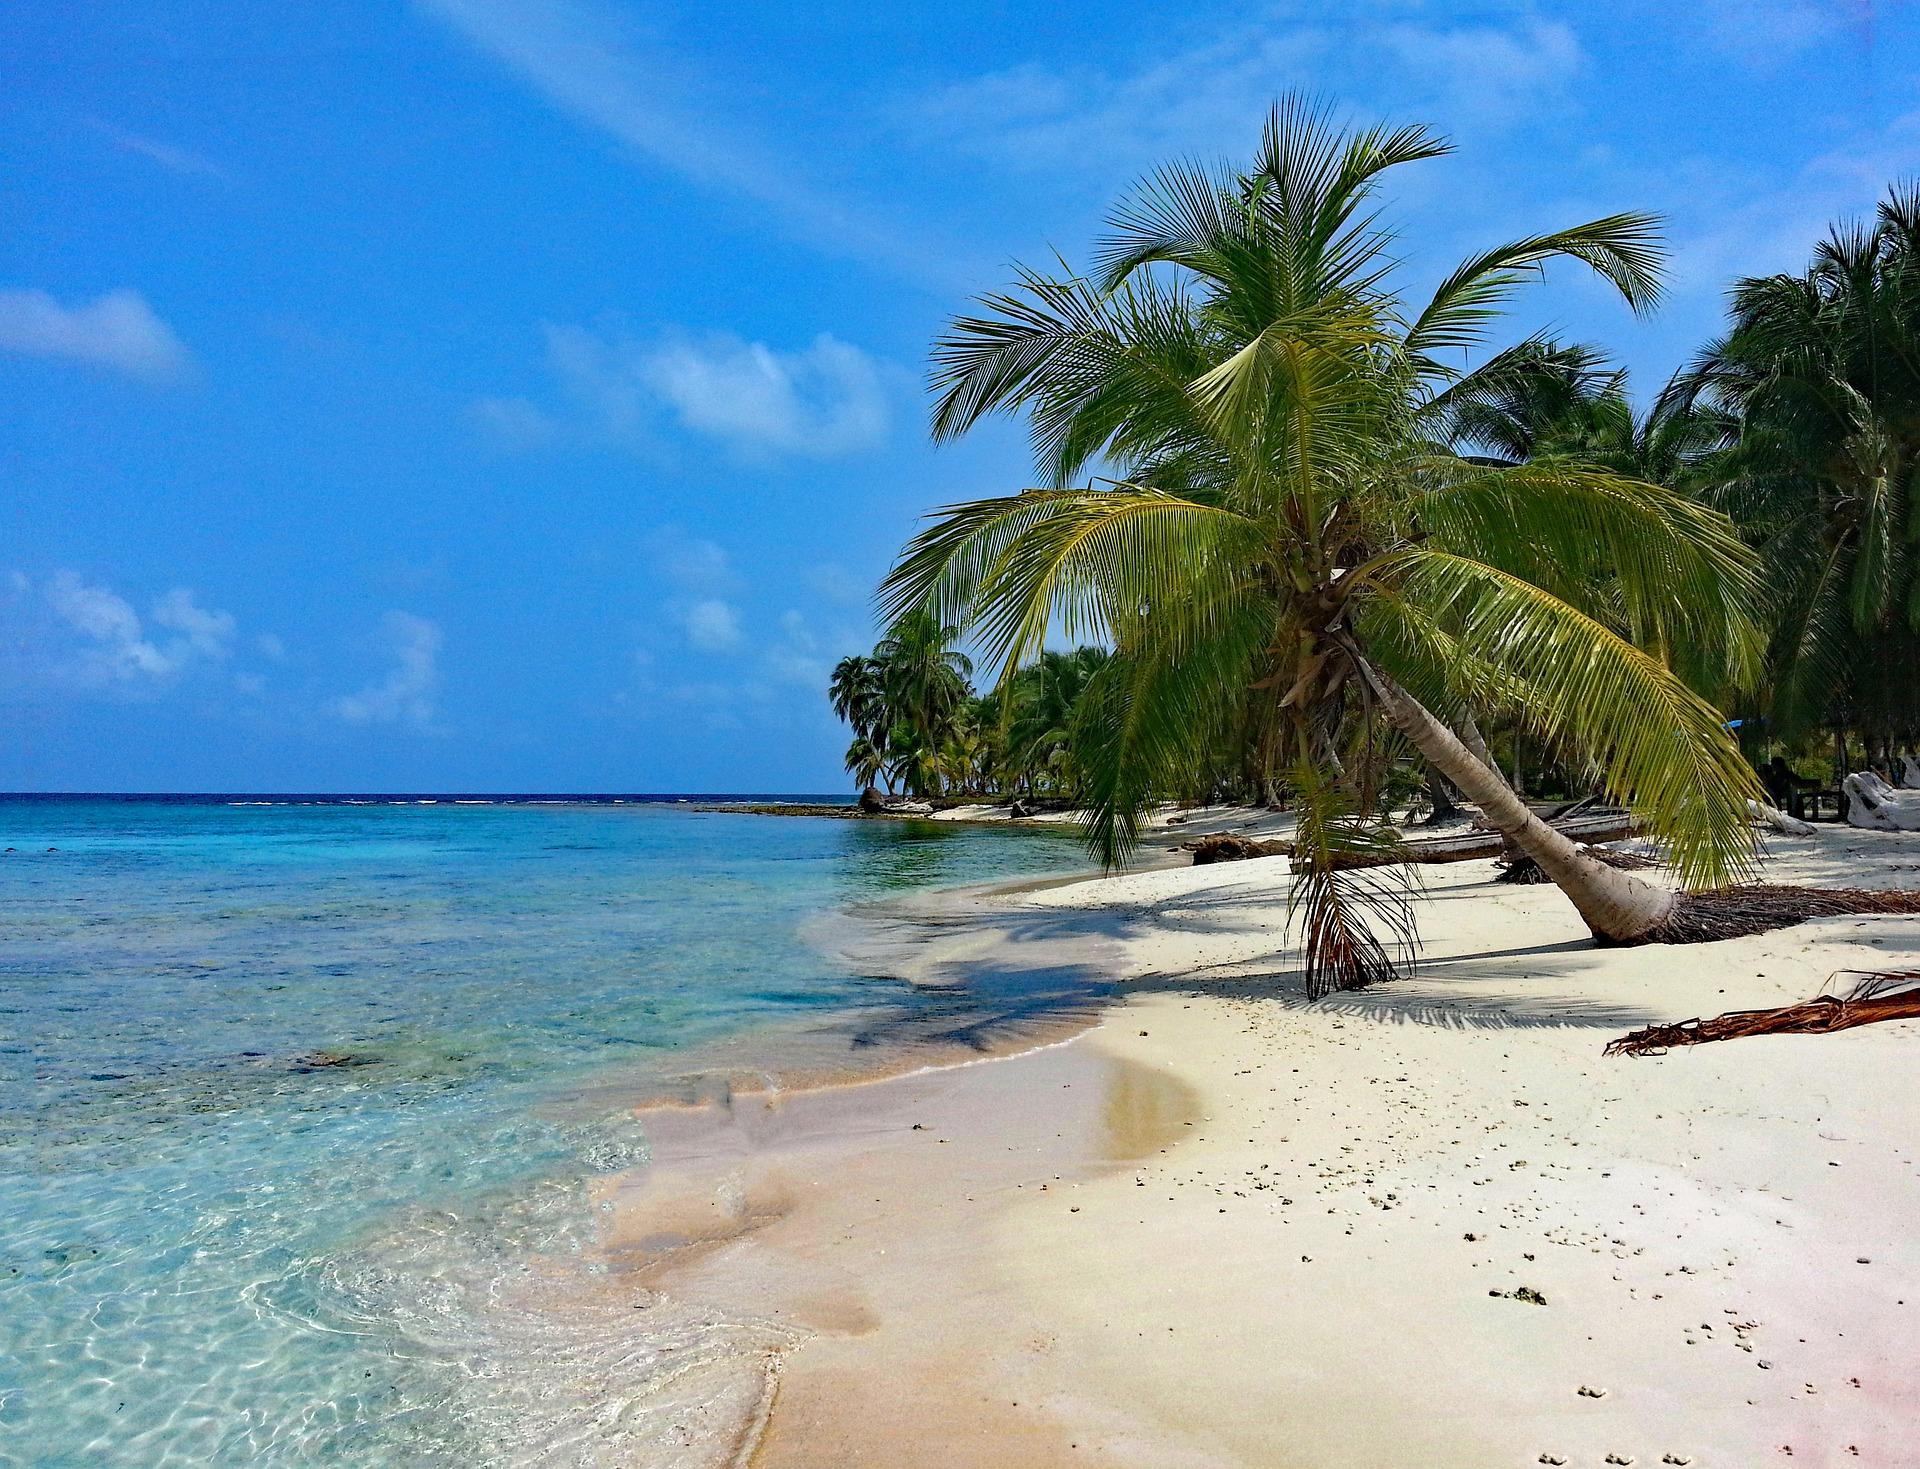 Urlaub in Panama City günsitg ab 658,00€ eine Woche - Rail & Fly+Flug & Hotel Isla Diablo